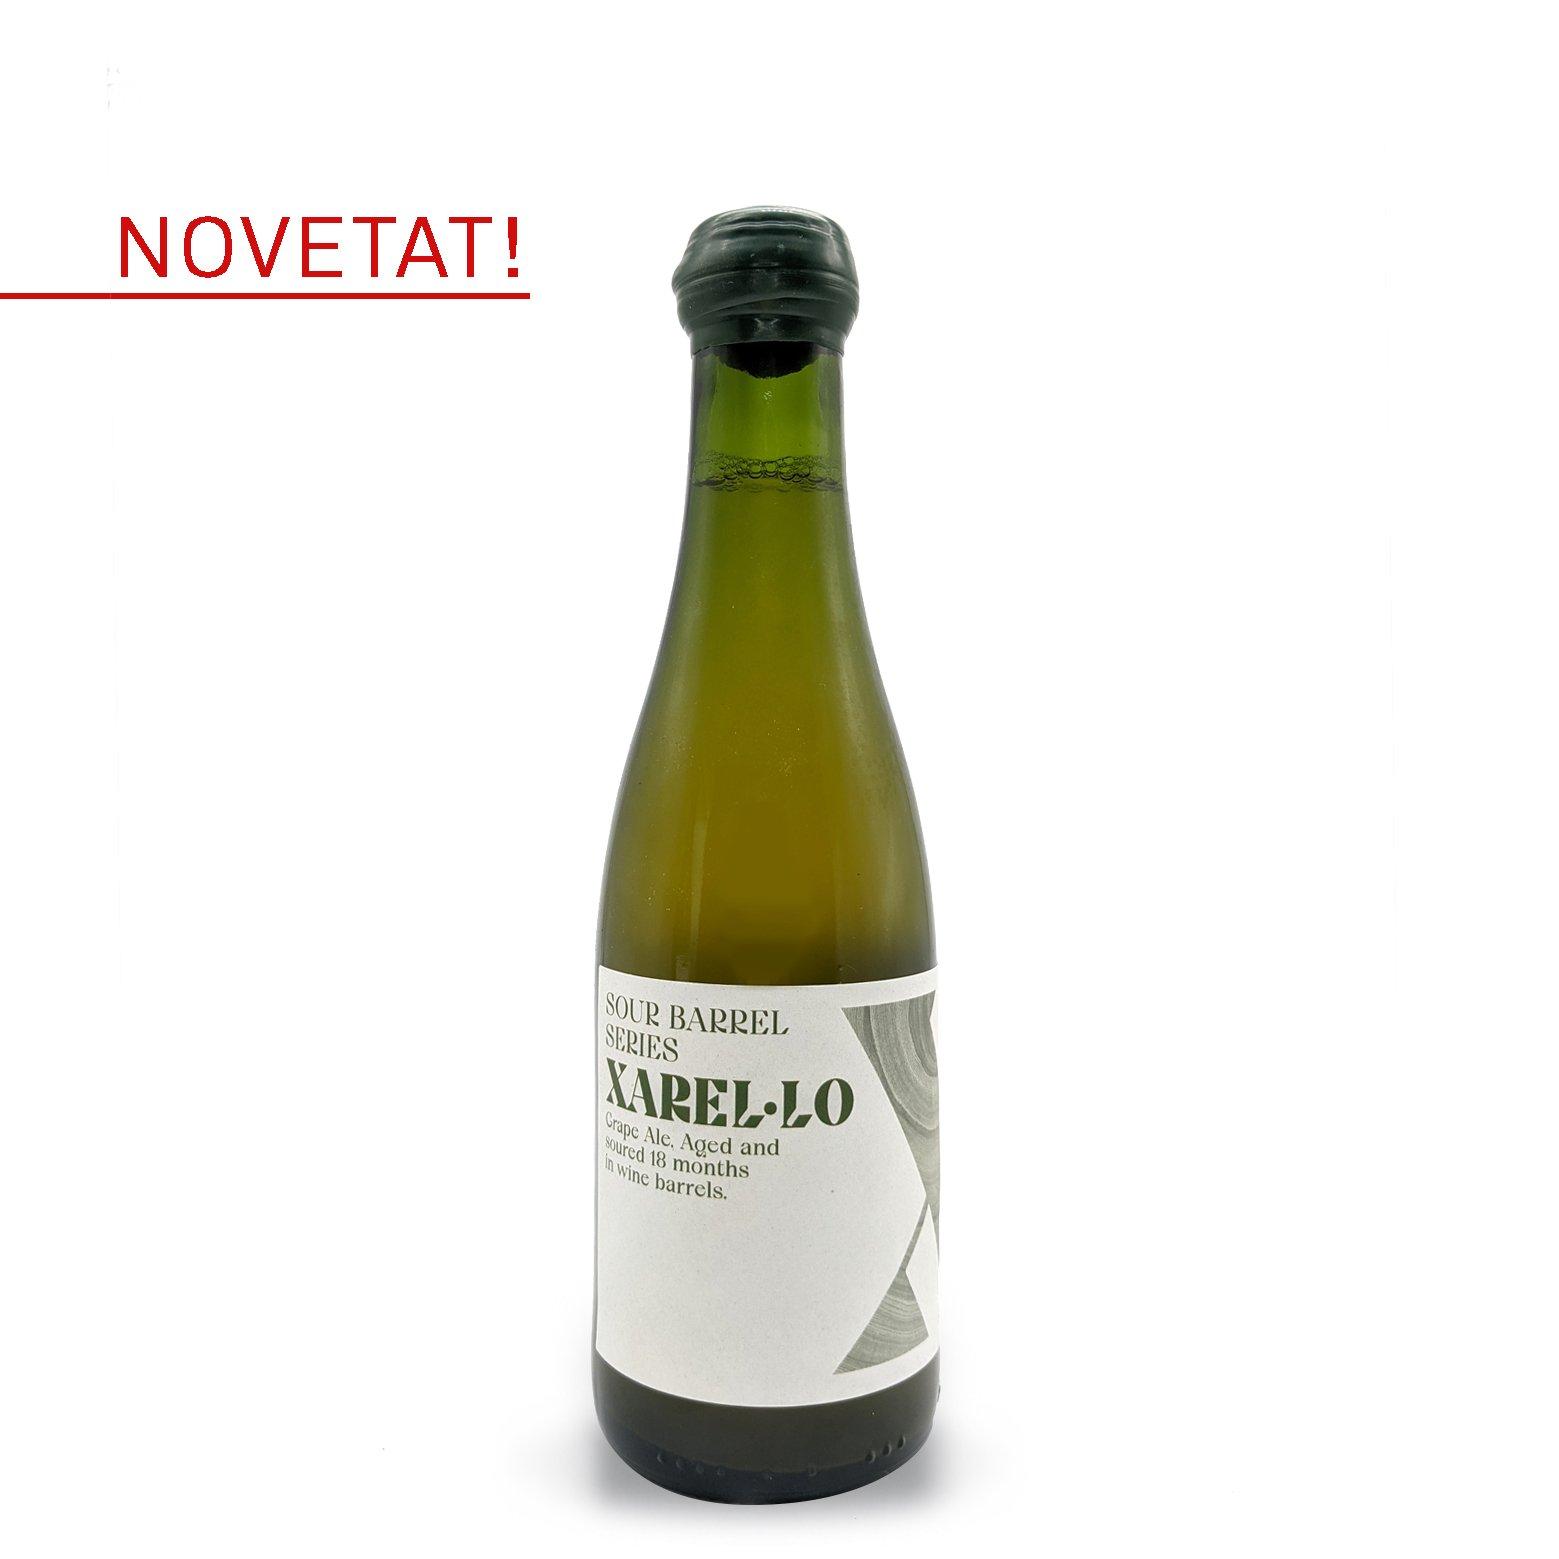 https://www.lestupenda.com/es/wp-content/uploads/sites/9/2021/04/Cervesa-Artesana-Ecològica-Sour-Barrel-LEstupenda-Xarel·lo.jpg